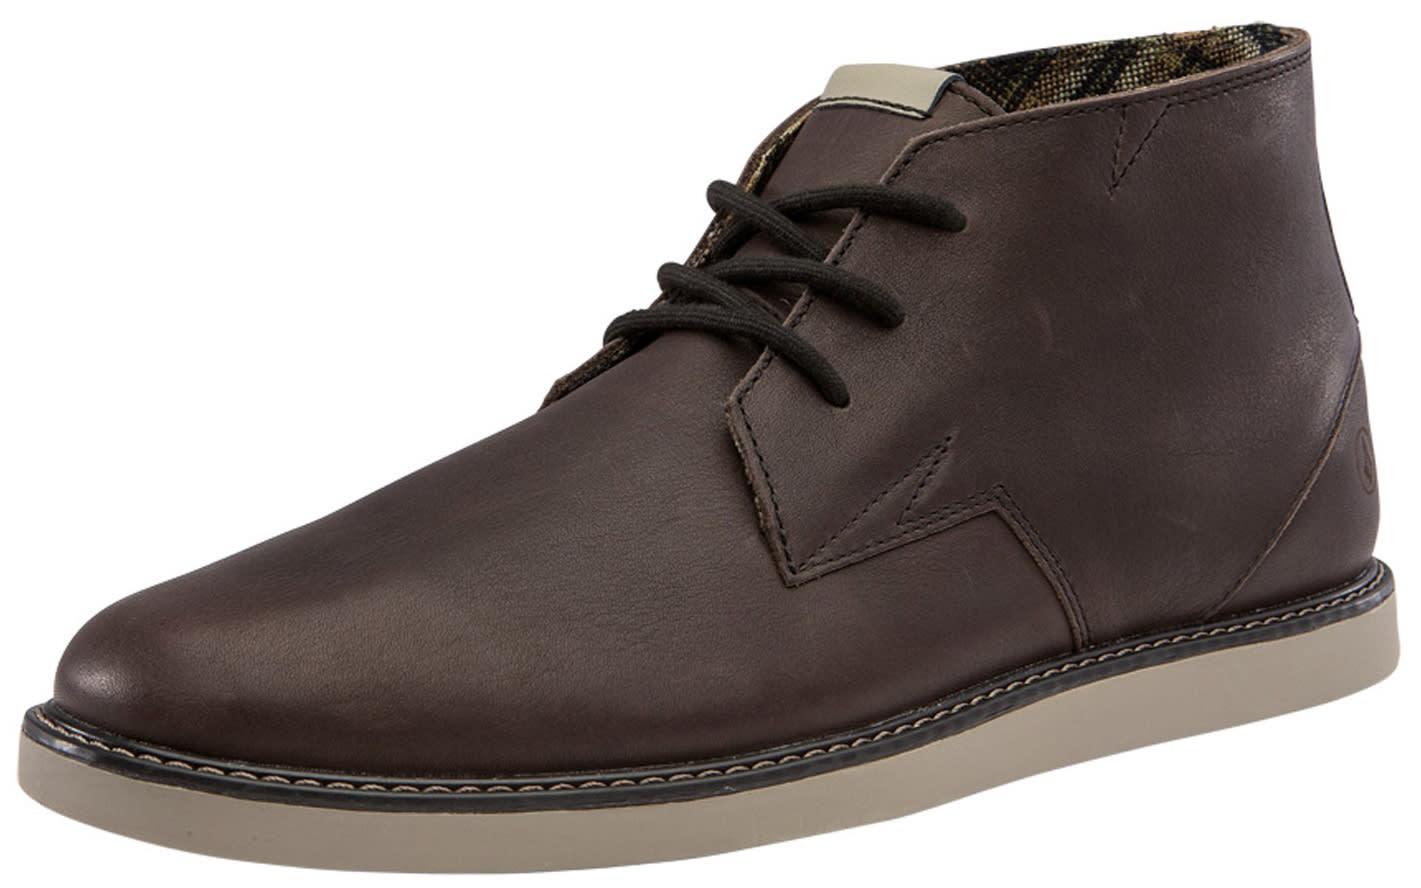 Volcom Del Mesa- Brown boots